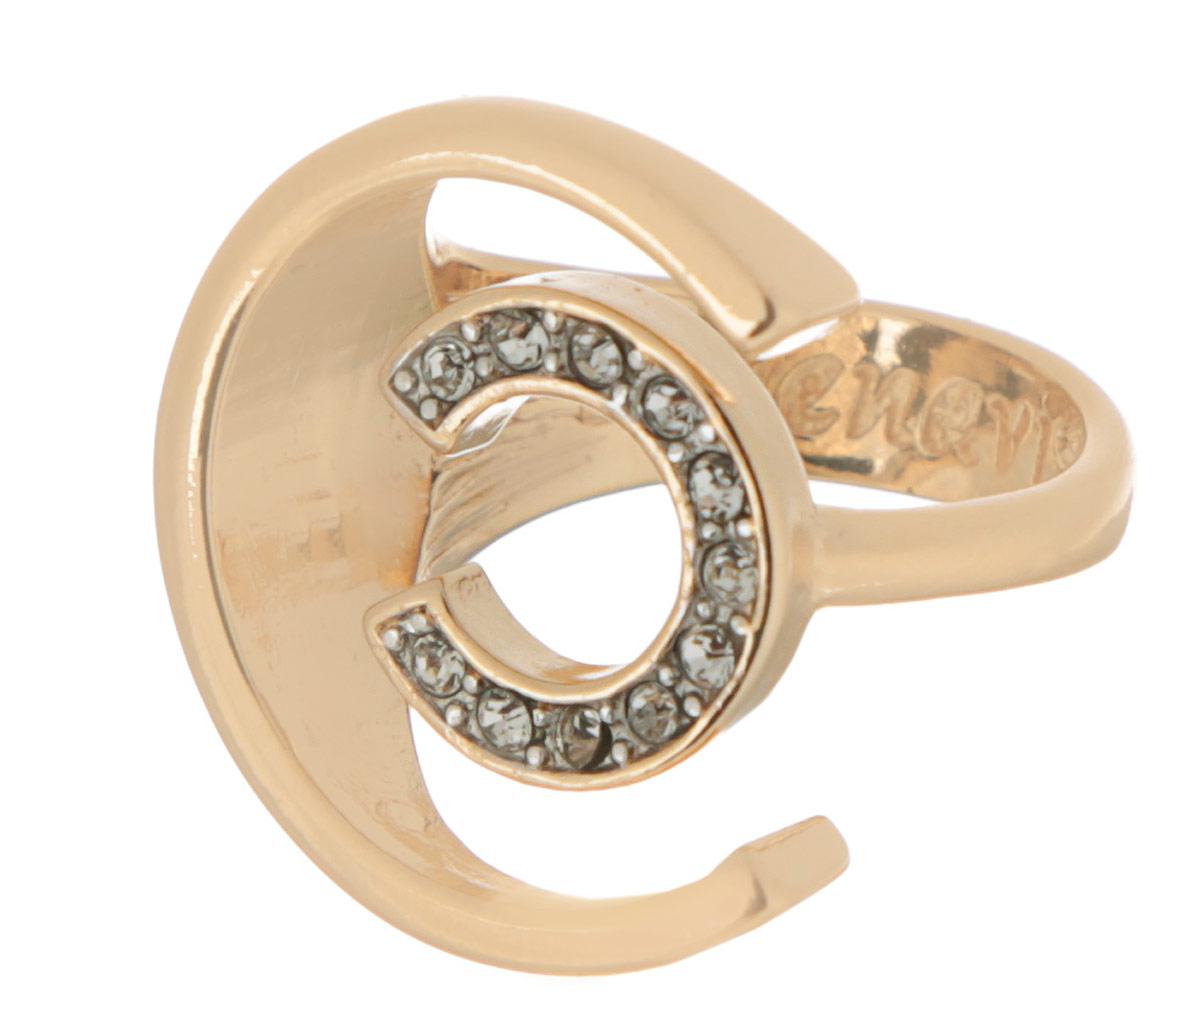 Кольцо Jenavi Форцетия, цвет: золотистый. Размер 18f506q000Элегантное кольцо Jenavi Форцетия выполнено из антиаллергического ювелирного сплава, покрытого позолотой с родированием. Декоративный элемент выполнен в виде двух полуокружностей разного диаметра, одна из которых инкрустирована гранеными кристаллами Swarovski. Стильное кольцо придаст вашему образу изюминку и подчеркнет индивидуальность.